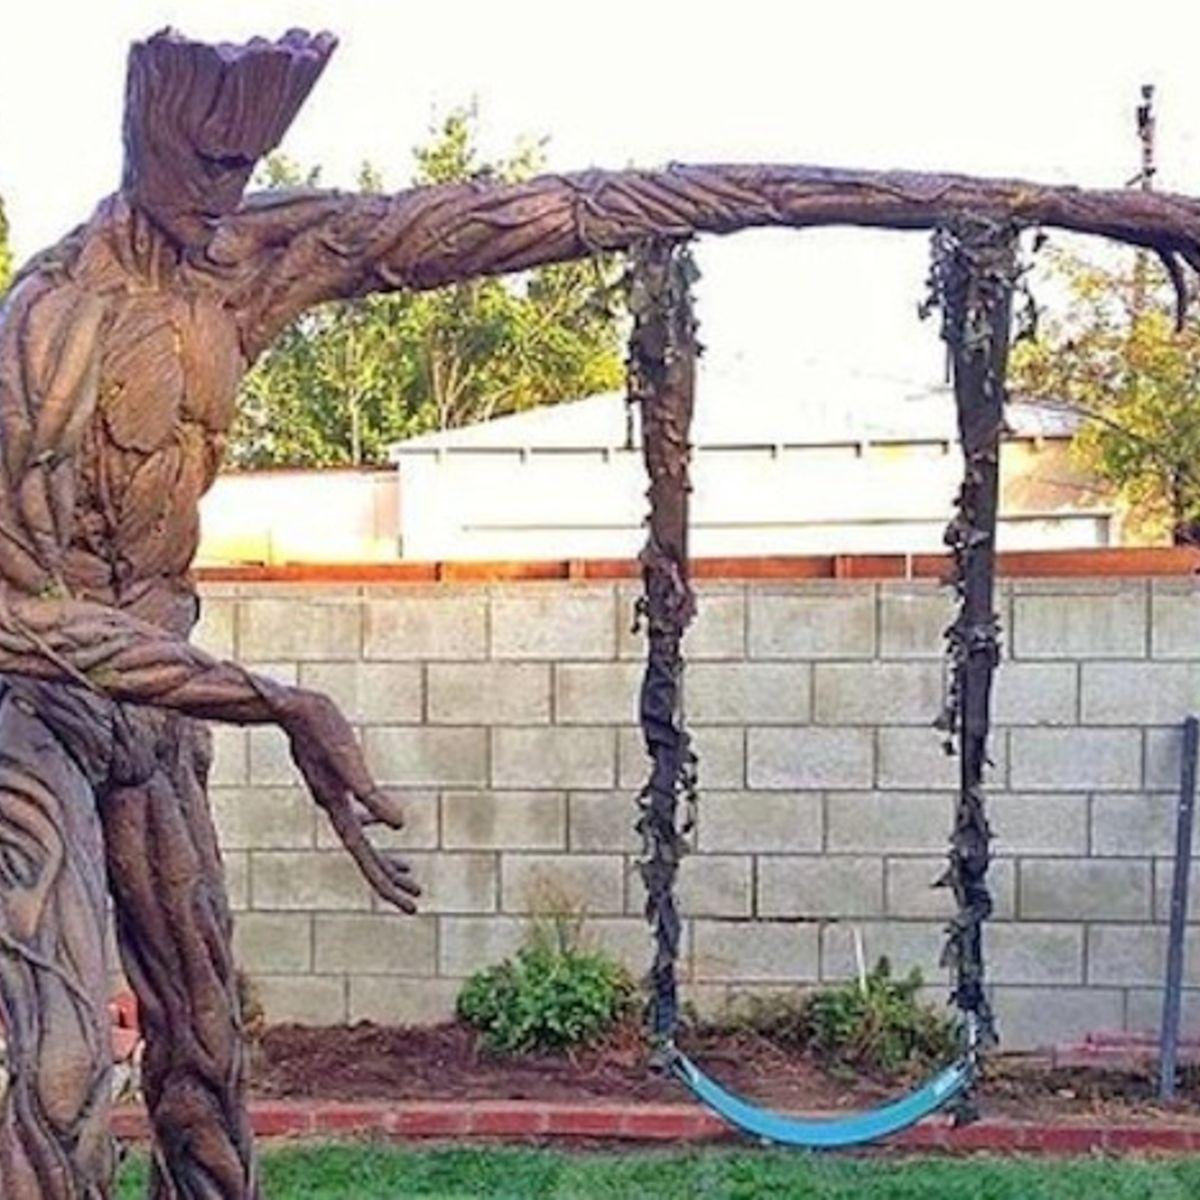 groot-swing-1.jpg